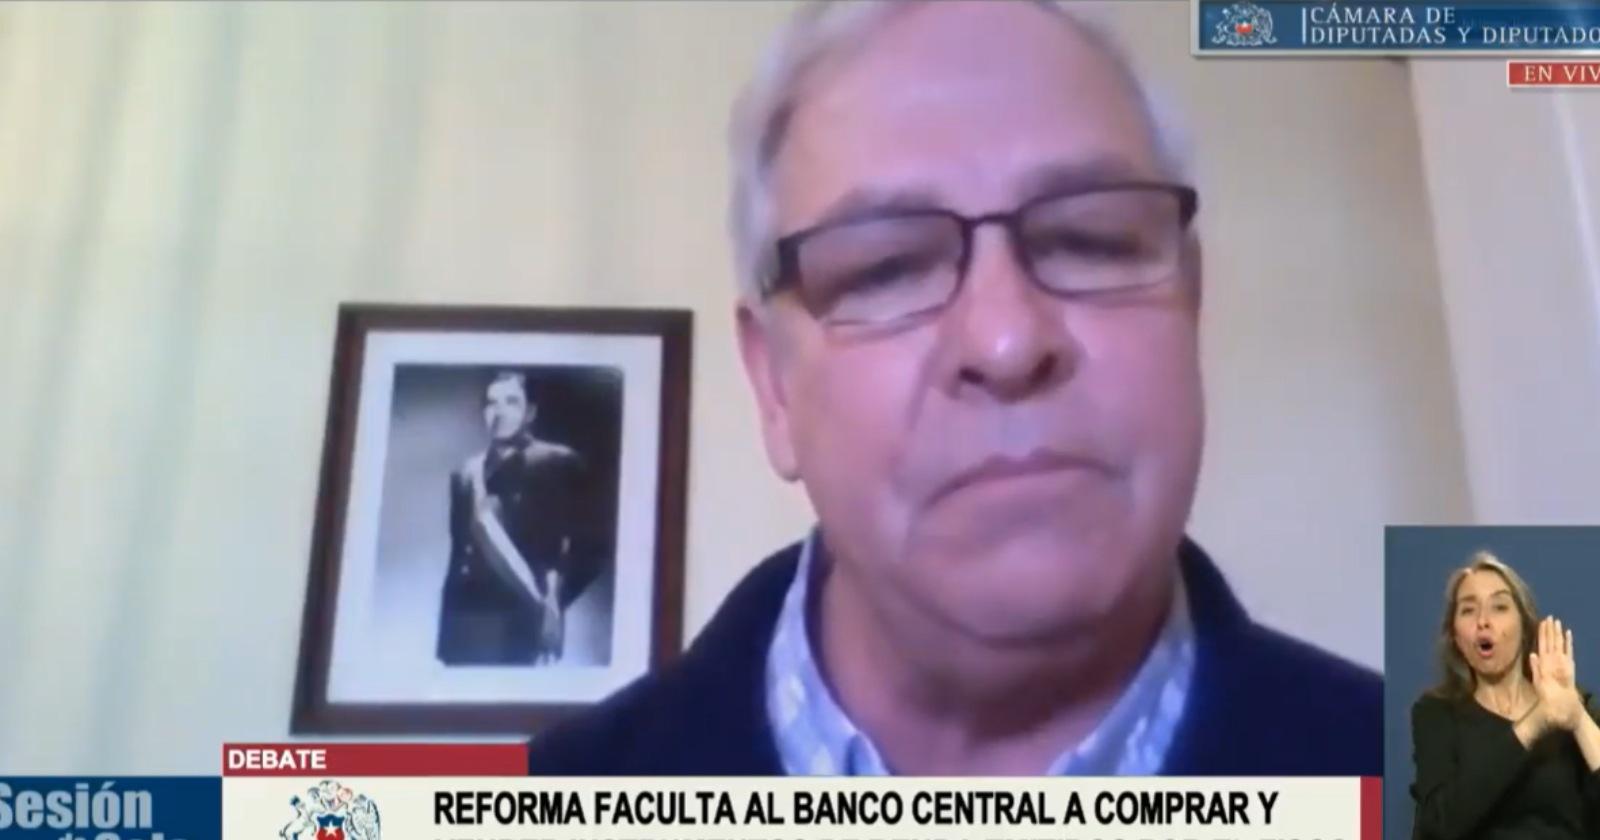 Urrutia justifica foto de Pinochet y asegura que tiene un gusto refinado